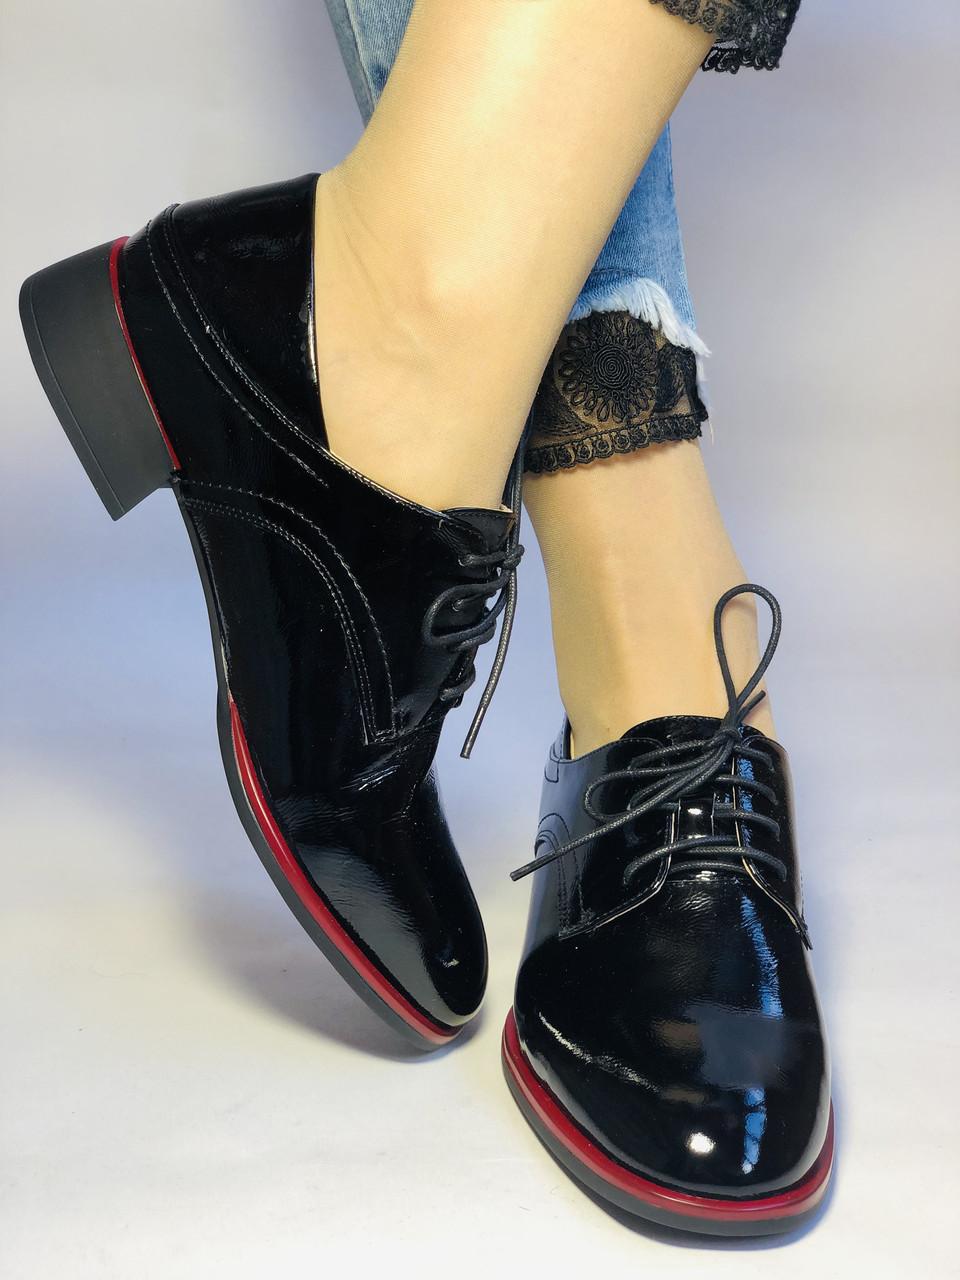 Стильные женские туфли.Оксфорды.Натуральная лакированная кожа.Невысокий каблук.  35. 37.39